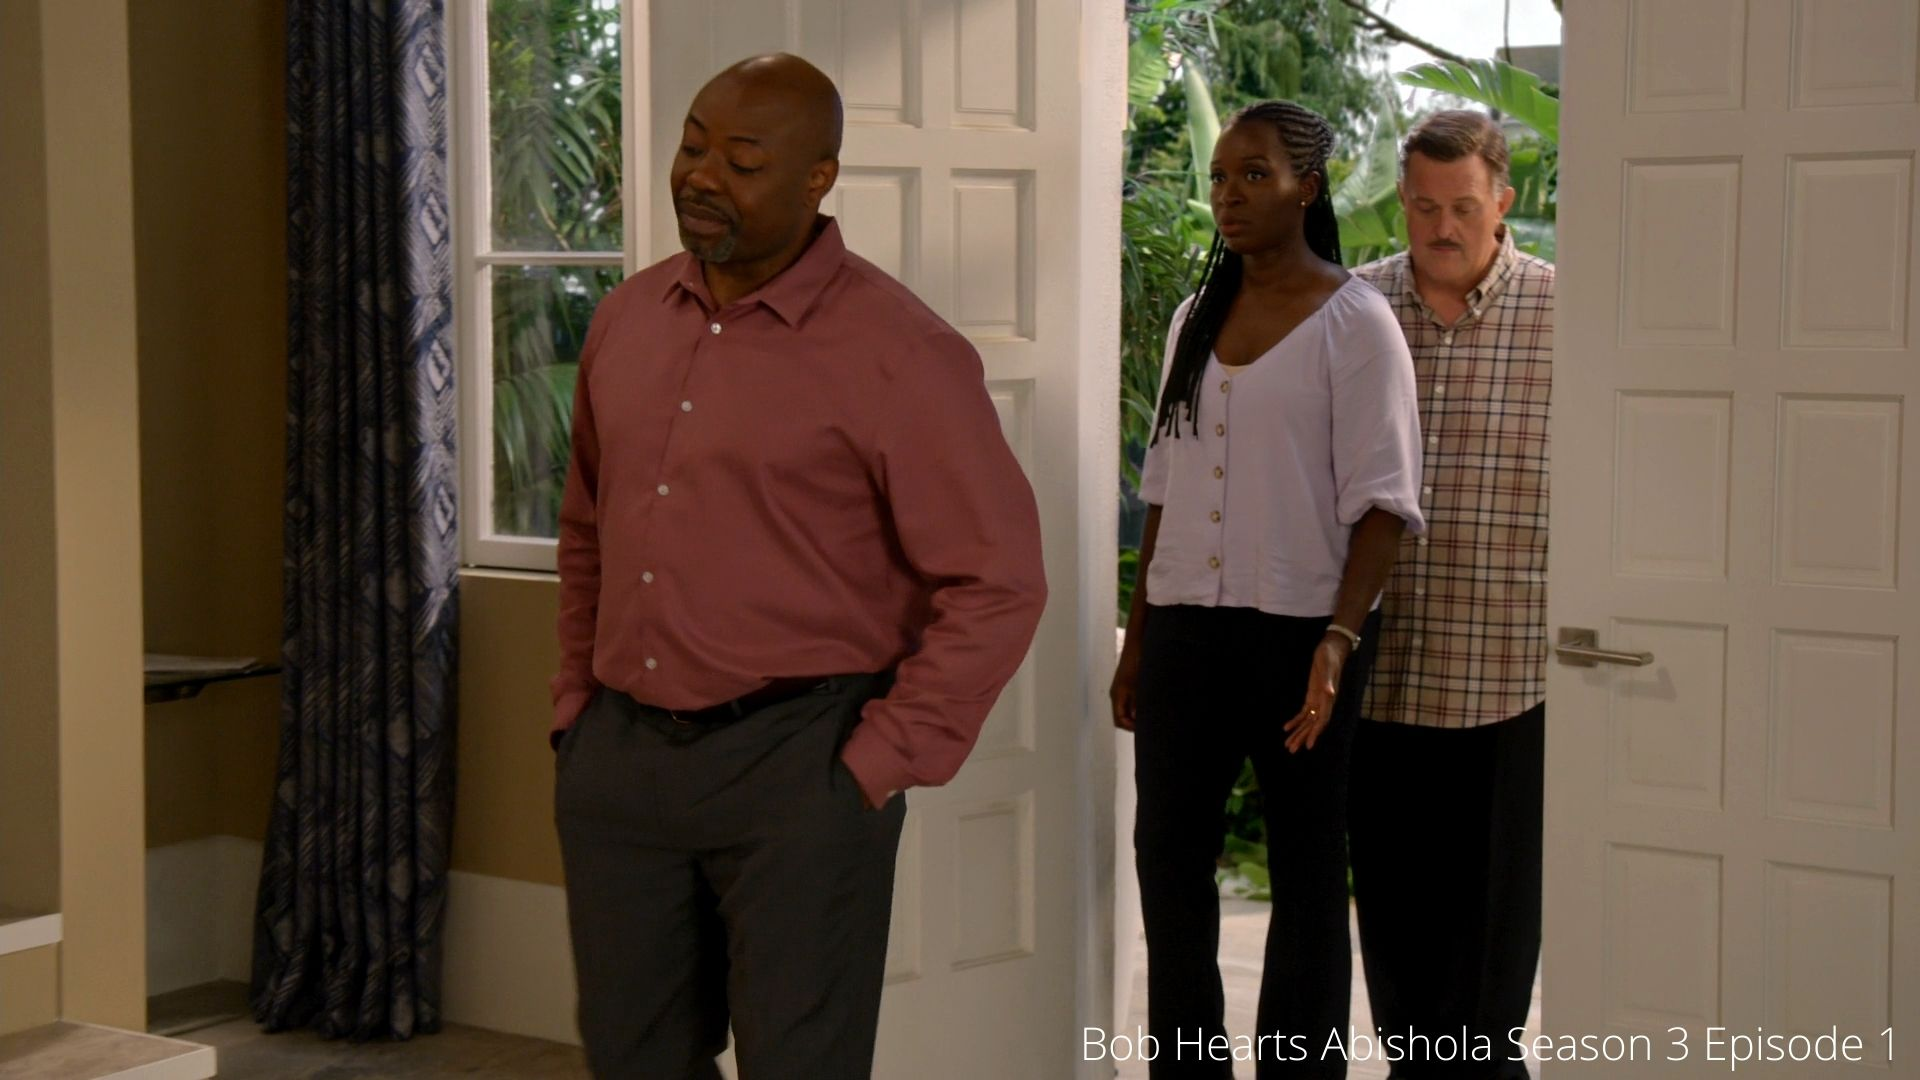 Bob Hearts Abishola Season 3 Episode 2